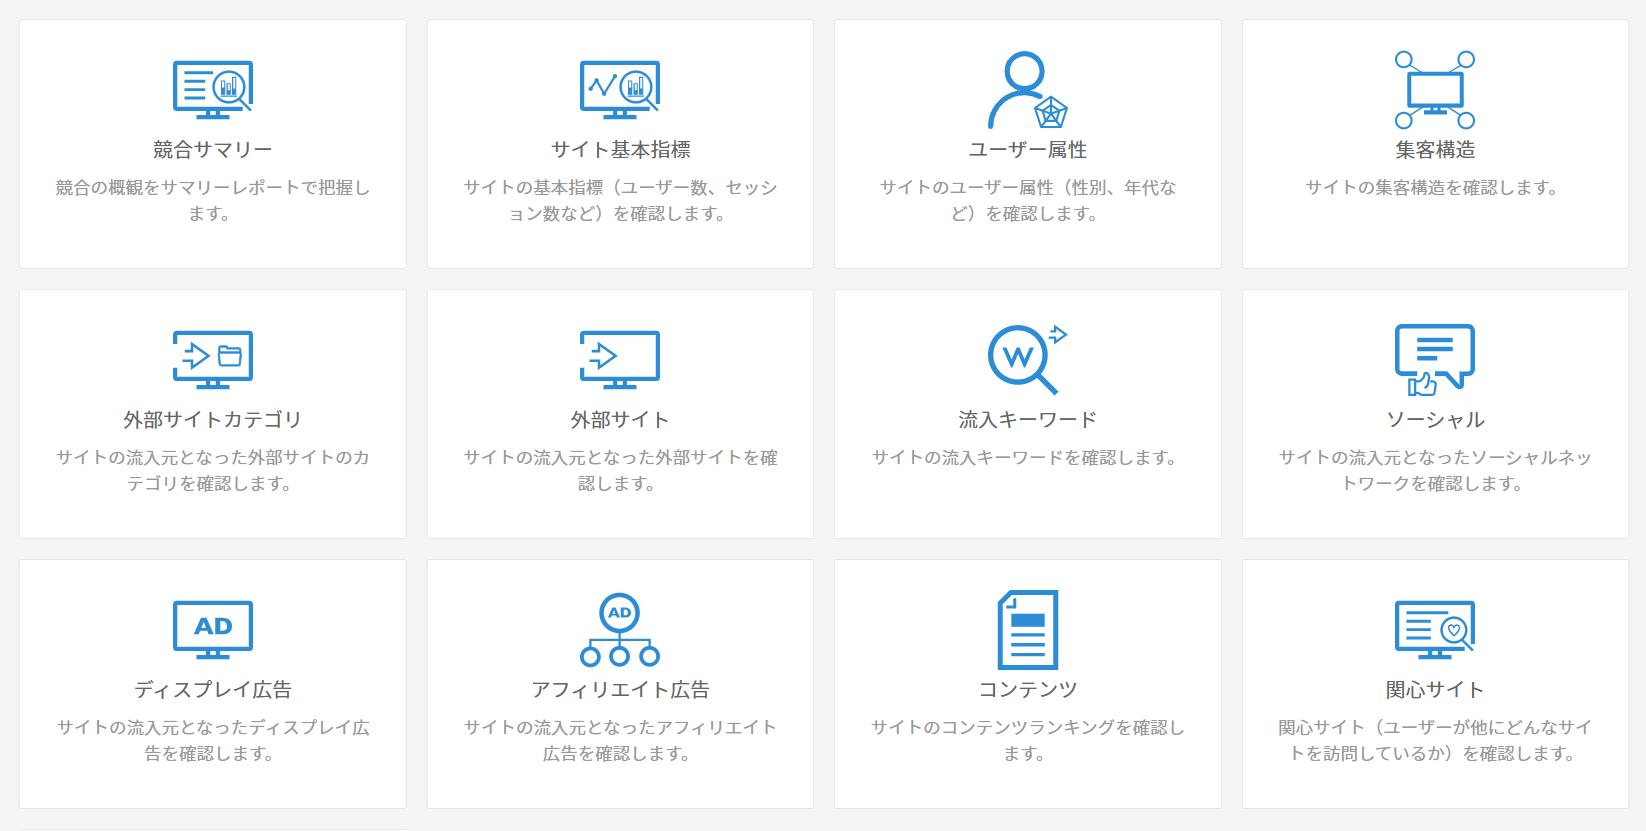 競合サイト分析の「WEBドック」、10社限定で無料診断